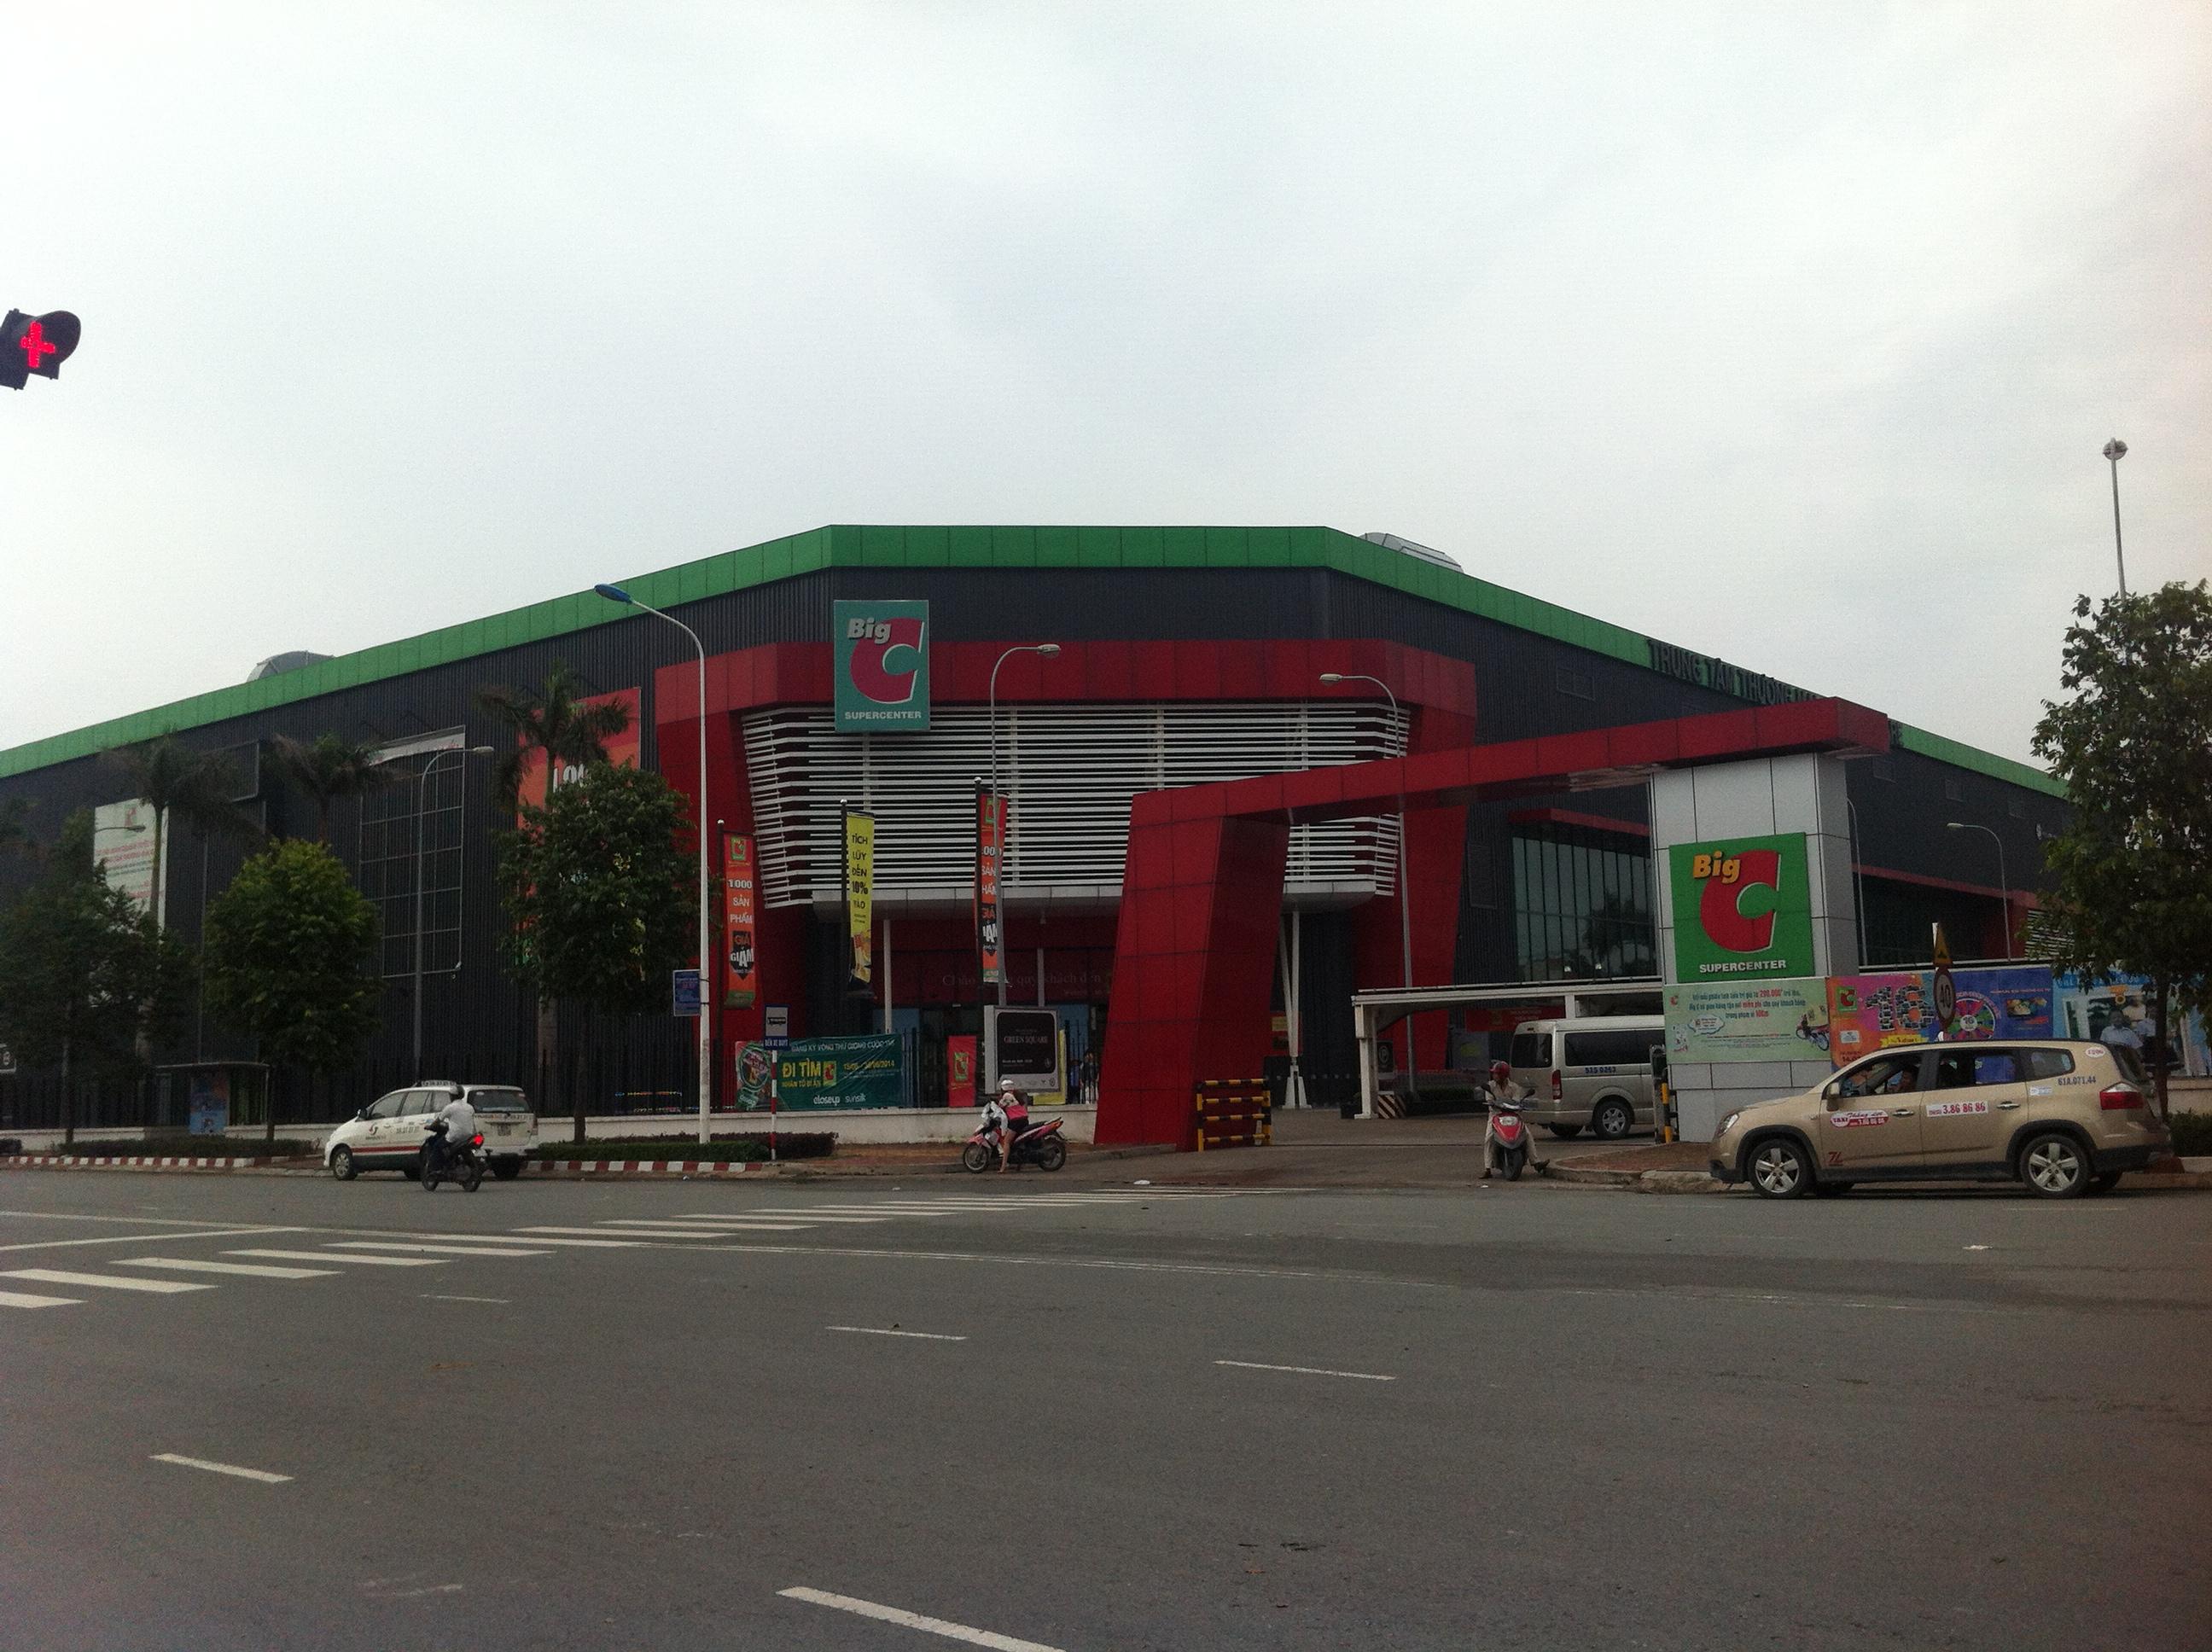 bán nhà 125m2, tại trung tâm hành chính thị xã dĩ an, gần siêu thị bigc dĩ an.